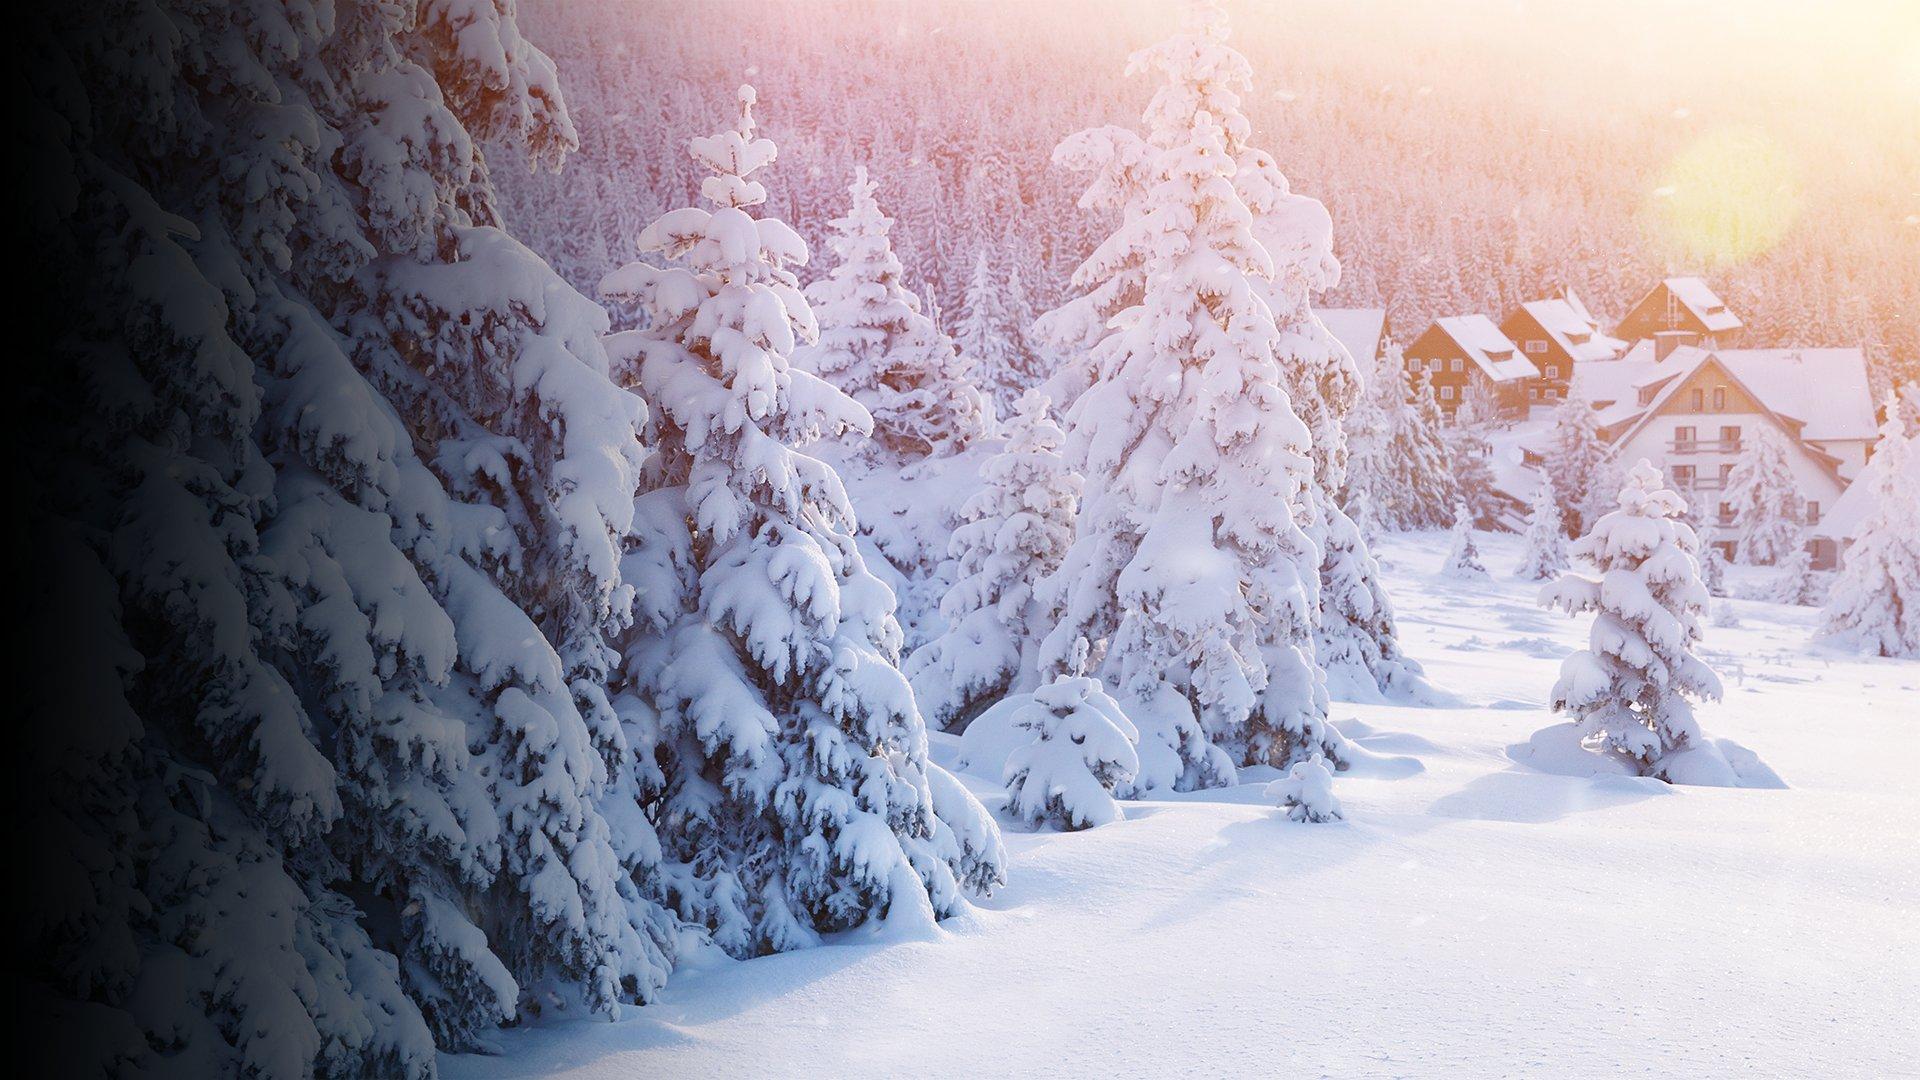 fond Bienvenue sur le tournage de Coup de foudre à Noël avec Julie De Bona et Tomer Sisley !